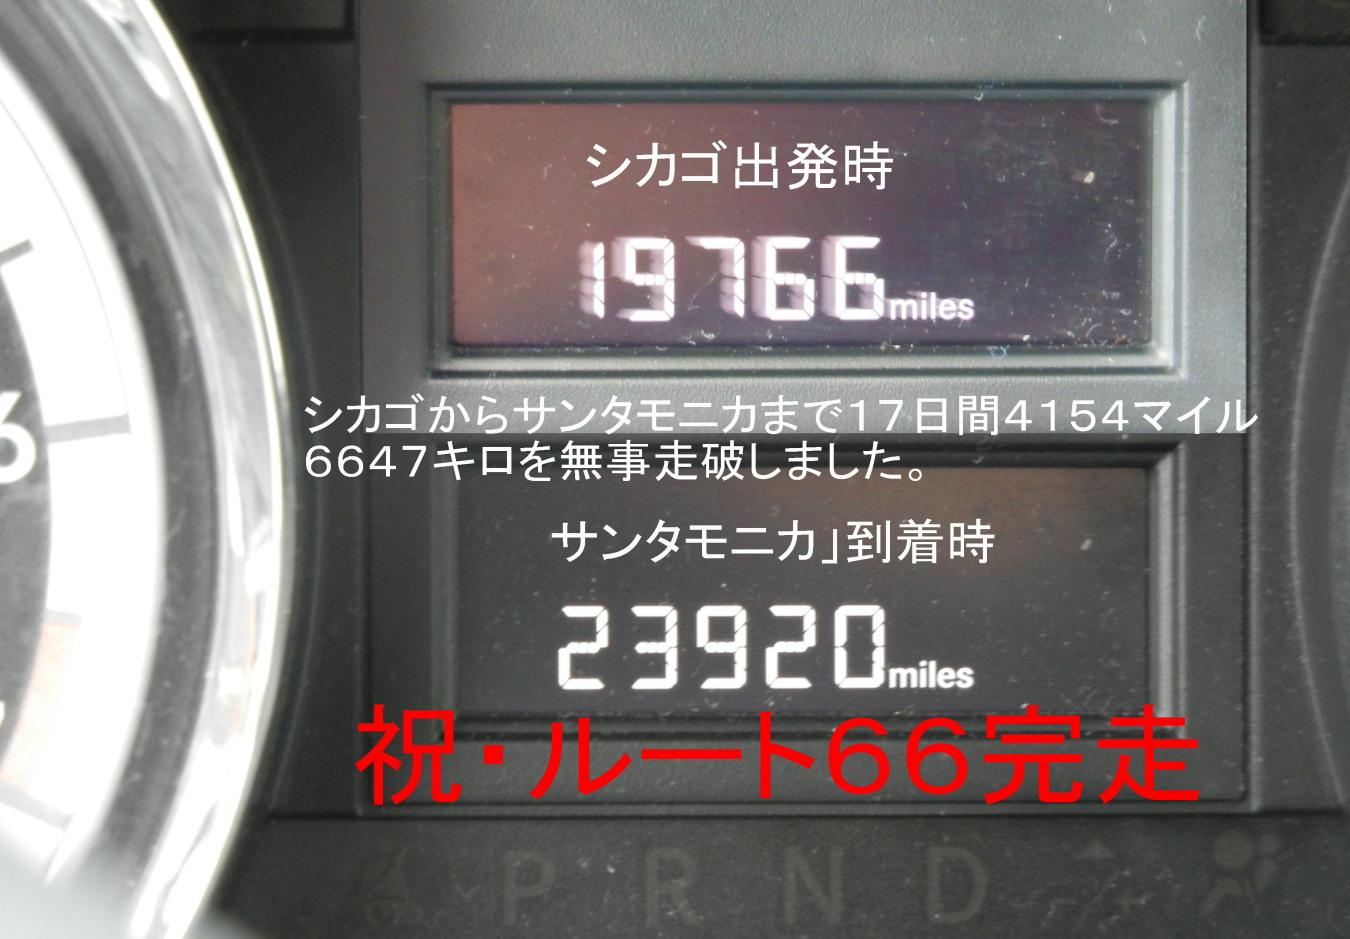 距離計-fc2